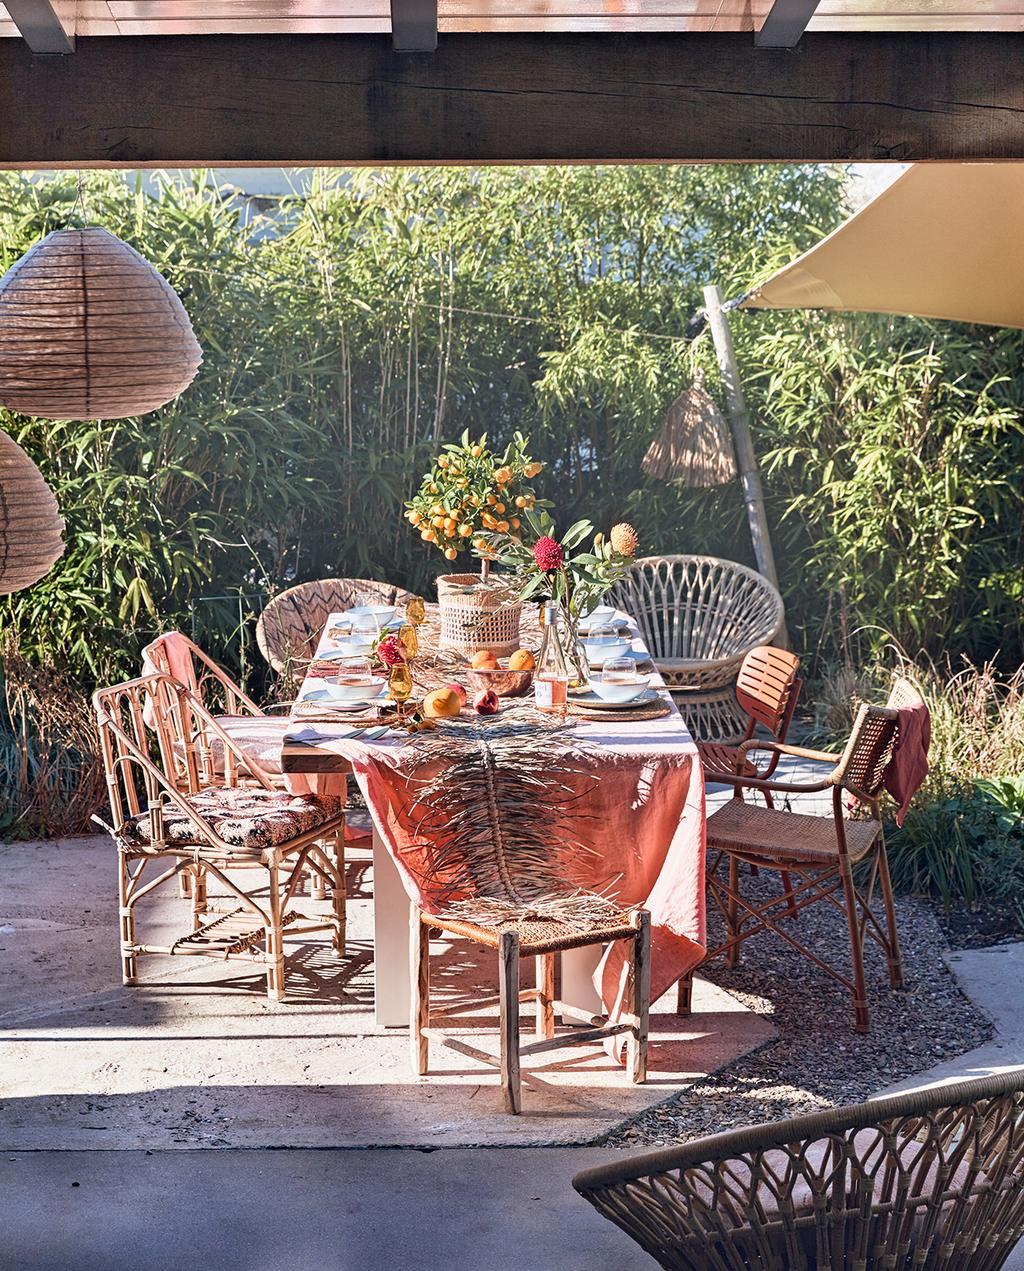 vtwonen tuin special 2 2020 | eetplaats buiten rotan stoelen